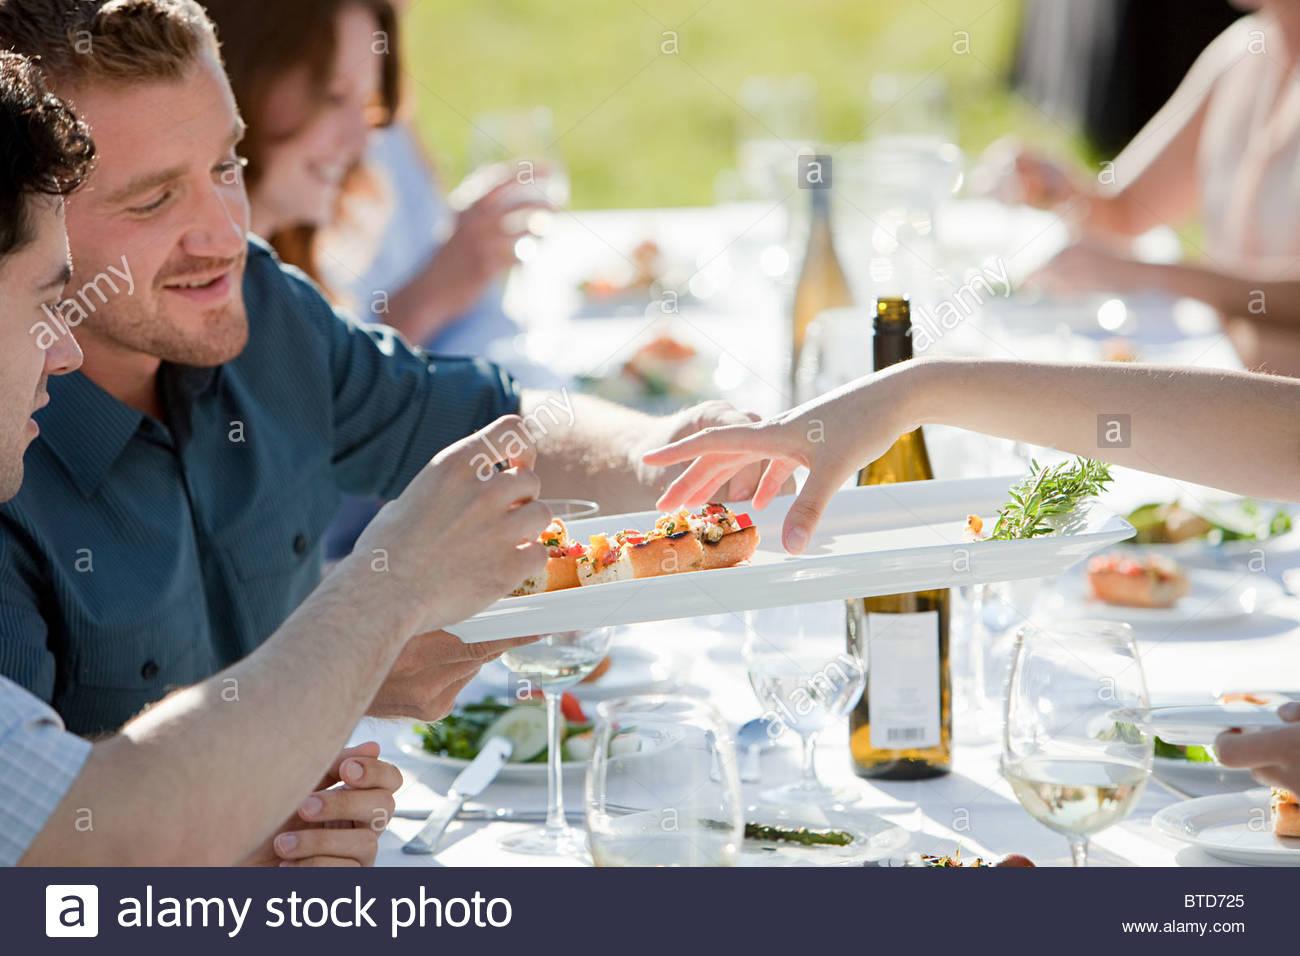 Menschen bei Outdoor-Dinner-party Stockfoto